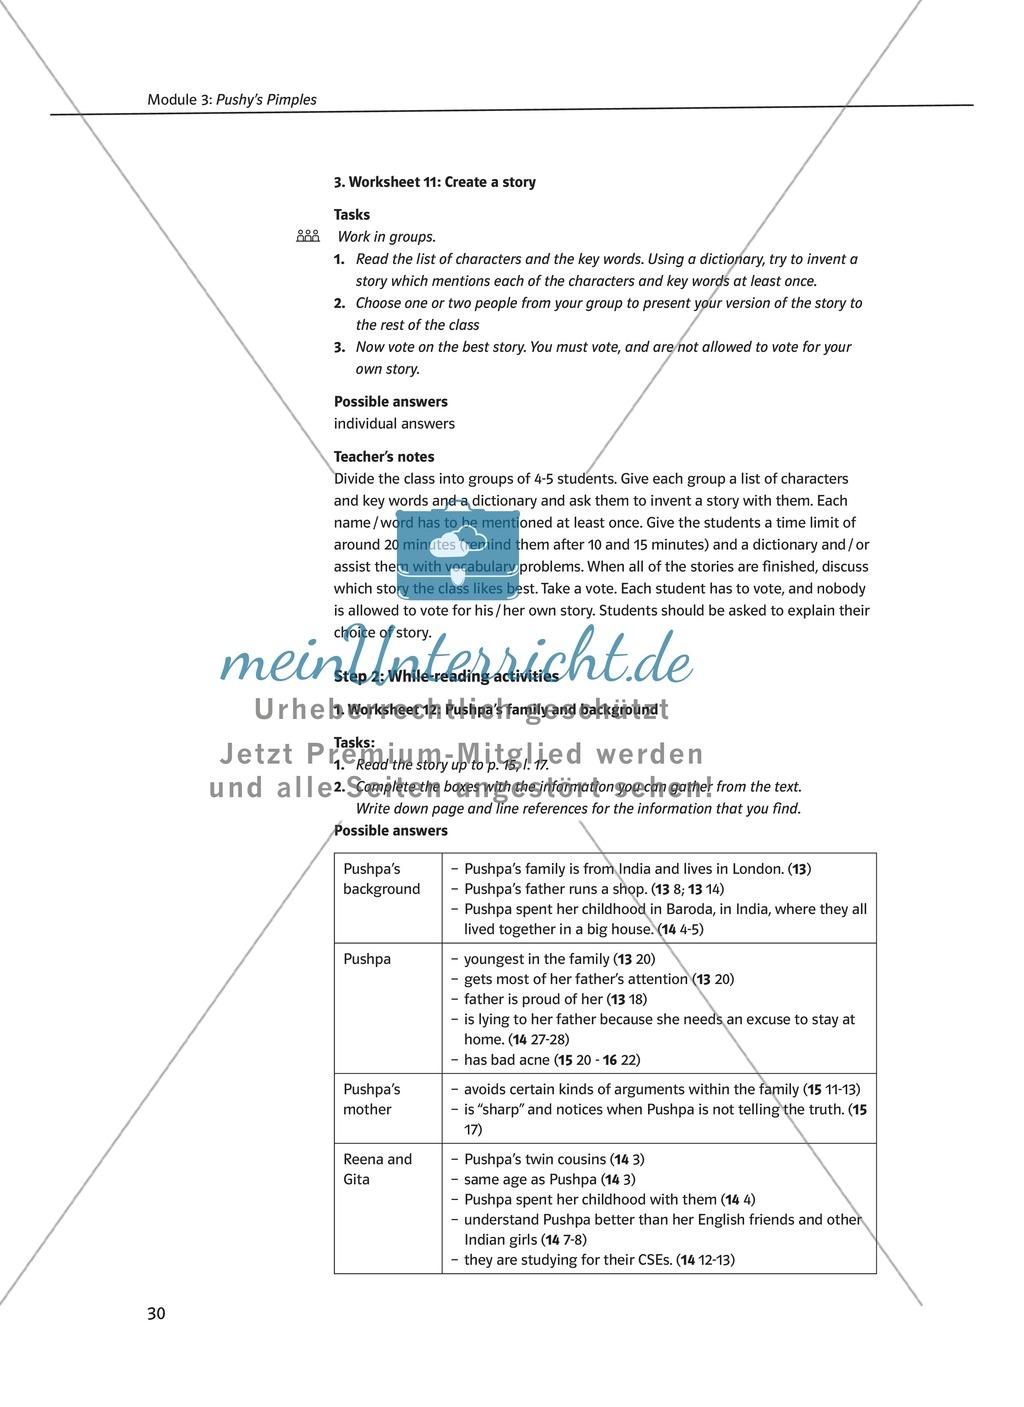 Pushy's Pimples: Zusammenfassung + Aufgaben + Arbeitsblätter Preview 3